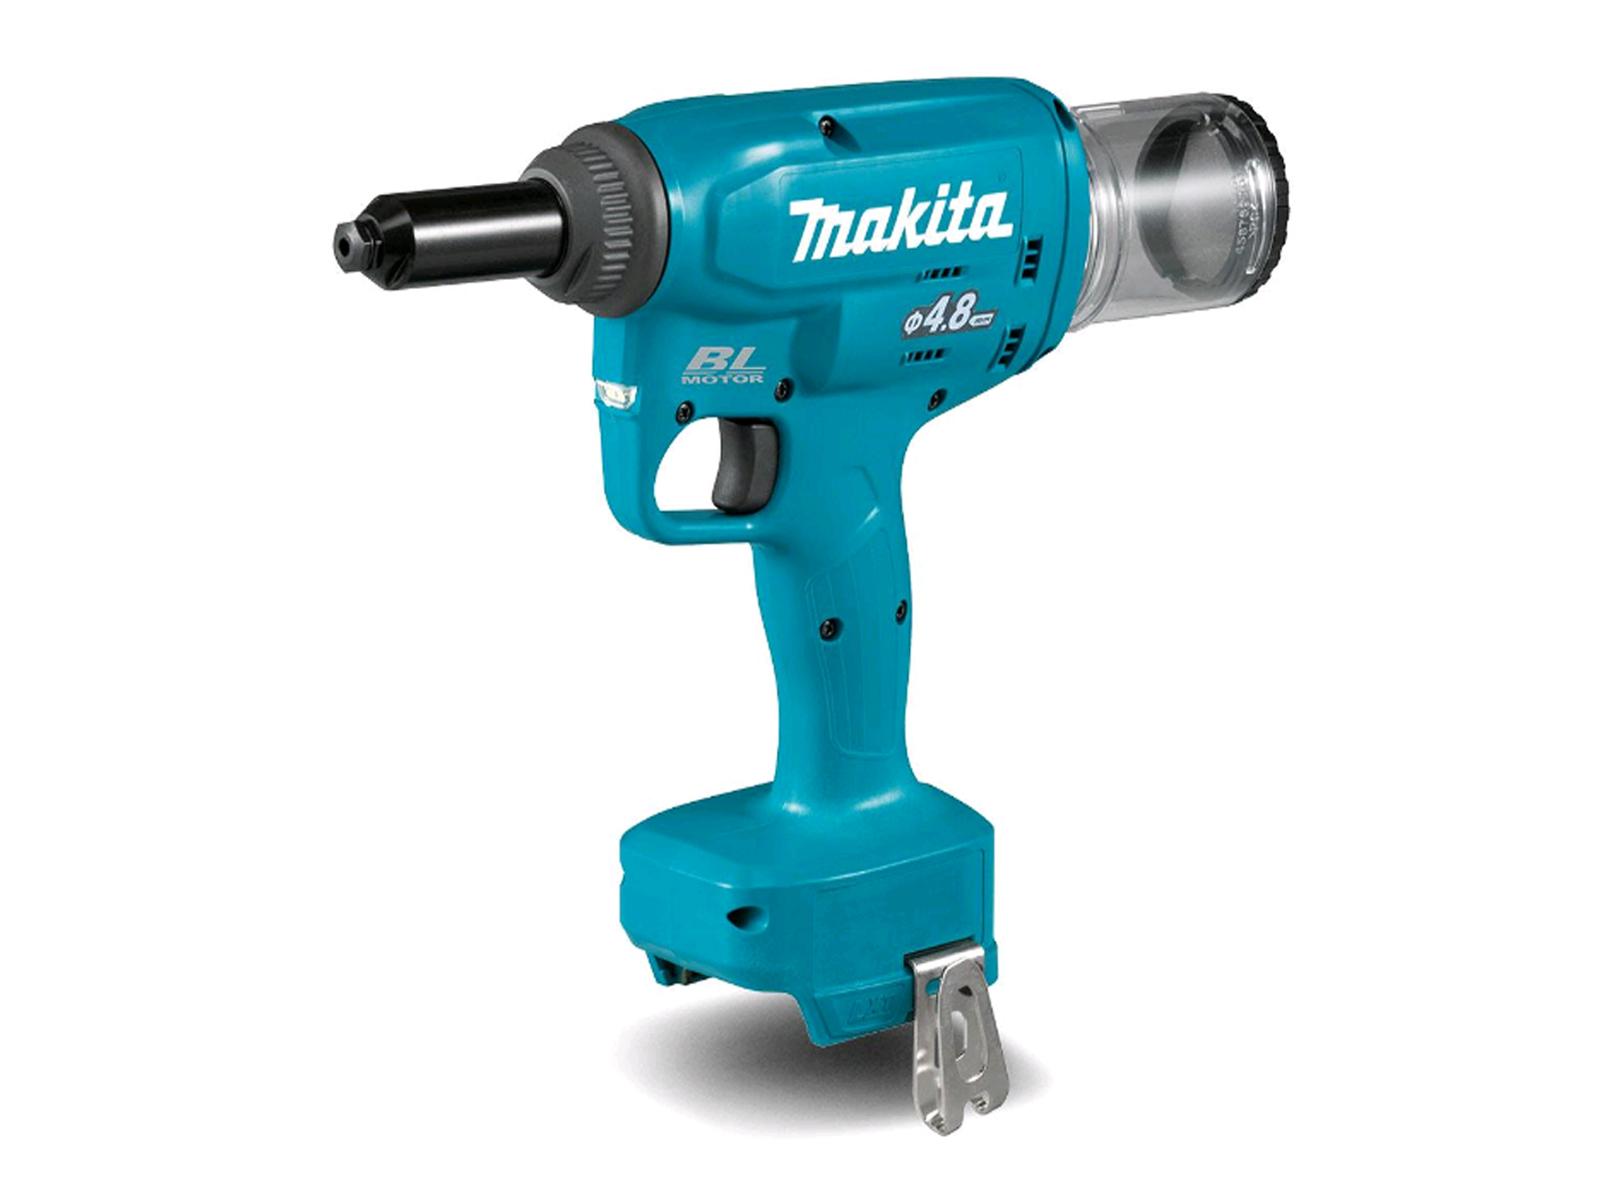 Makita DRV150Z 18V Brushless Rivet Gun LXT 2.4mm - 4.8mm Rivets - Body Only